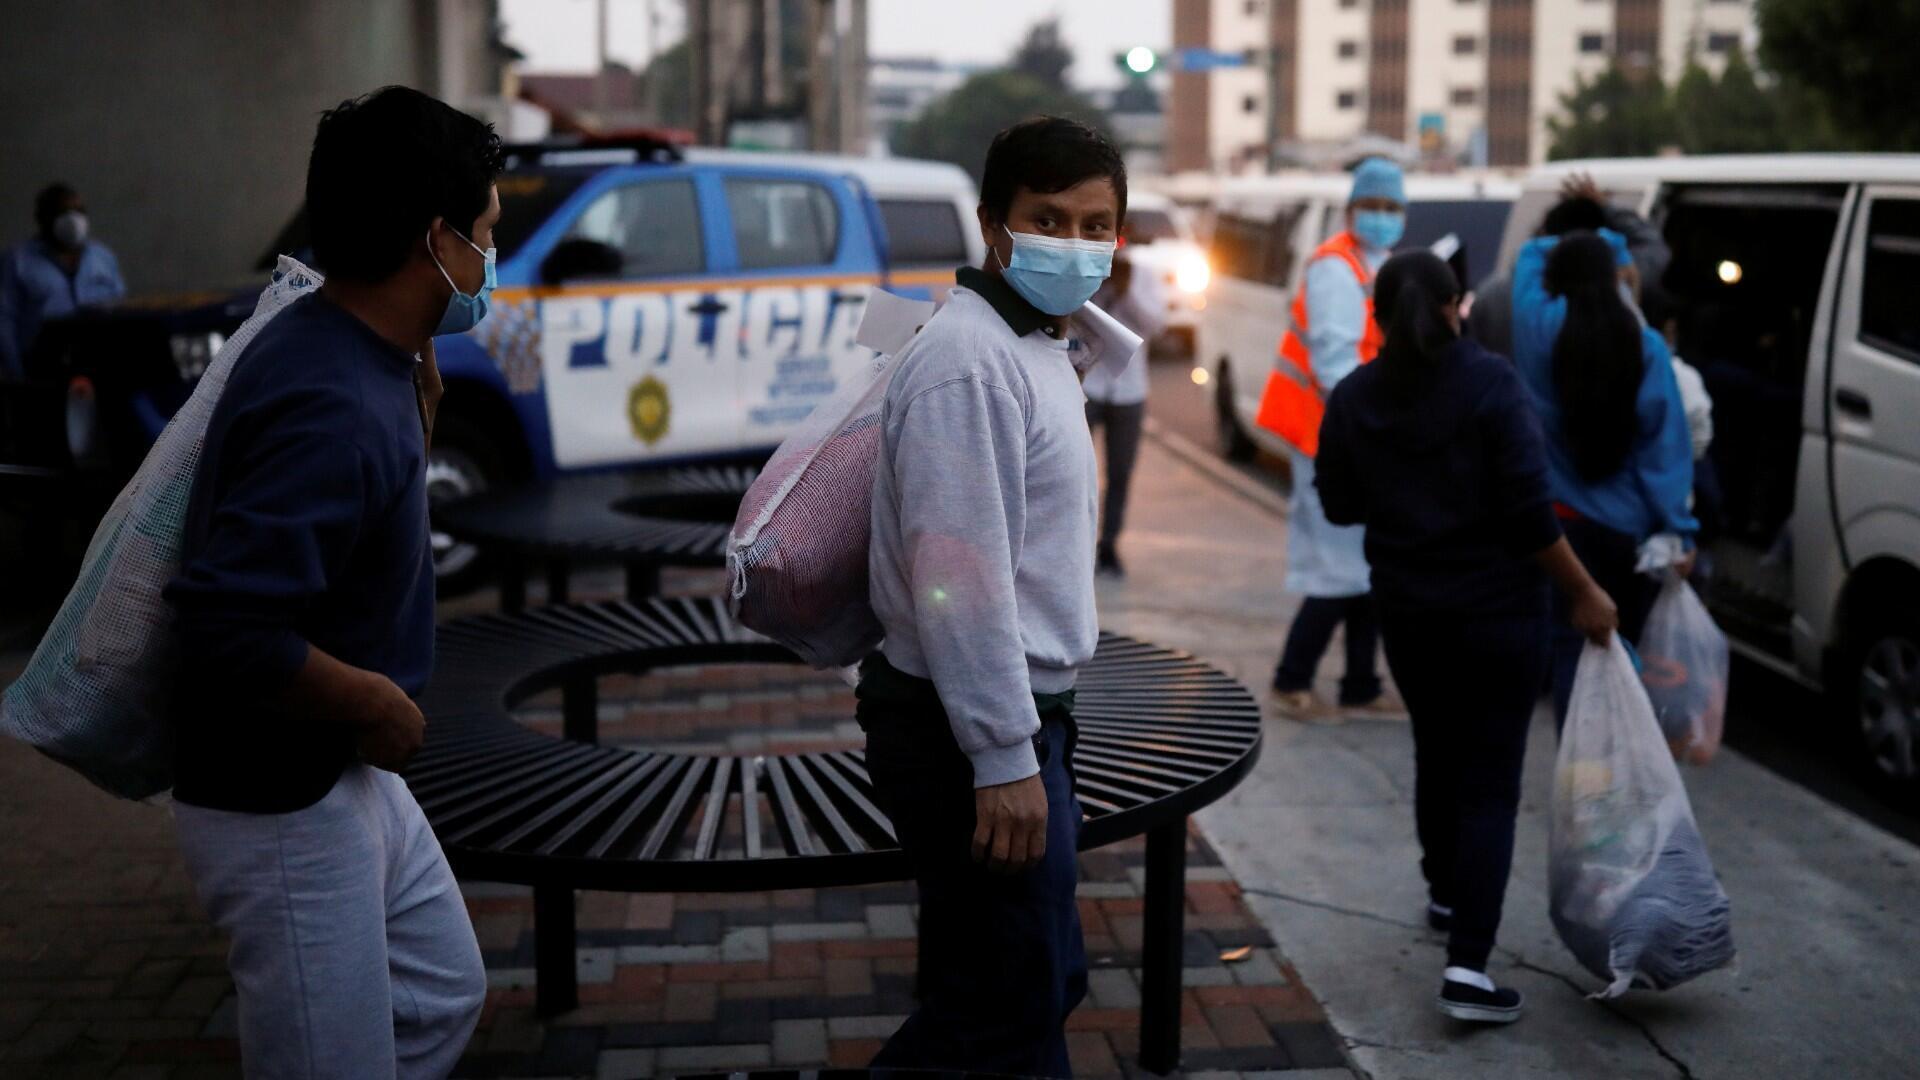 Migrantes omaleanos son acompañados por funcionarios del gobierno guatemalteco después de ser deportados de los EE. UU. fuera de la base de la Fuerza Aérea de Guatemala en la Ciudad de Guatemala en la Ciudad de Guatemala, Guatemala, 30 de abril de 2020.